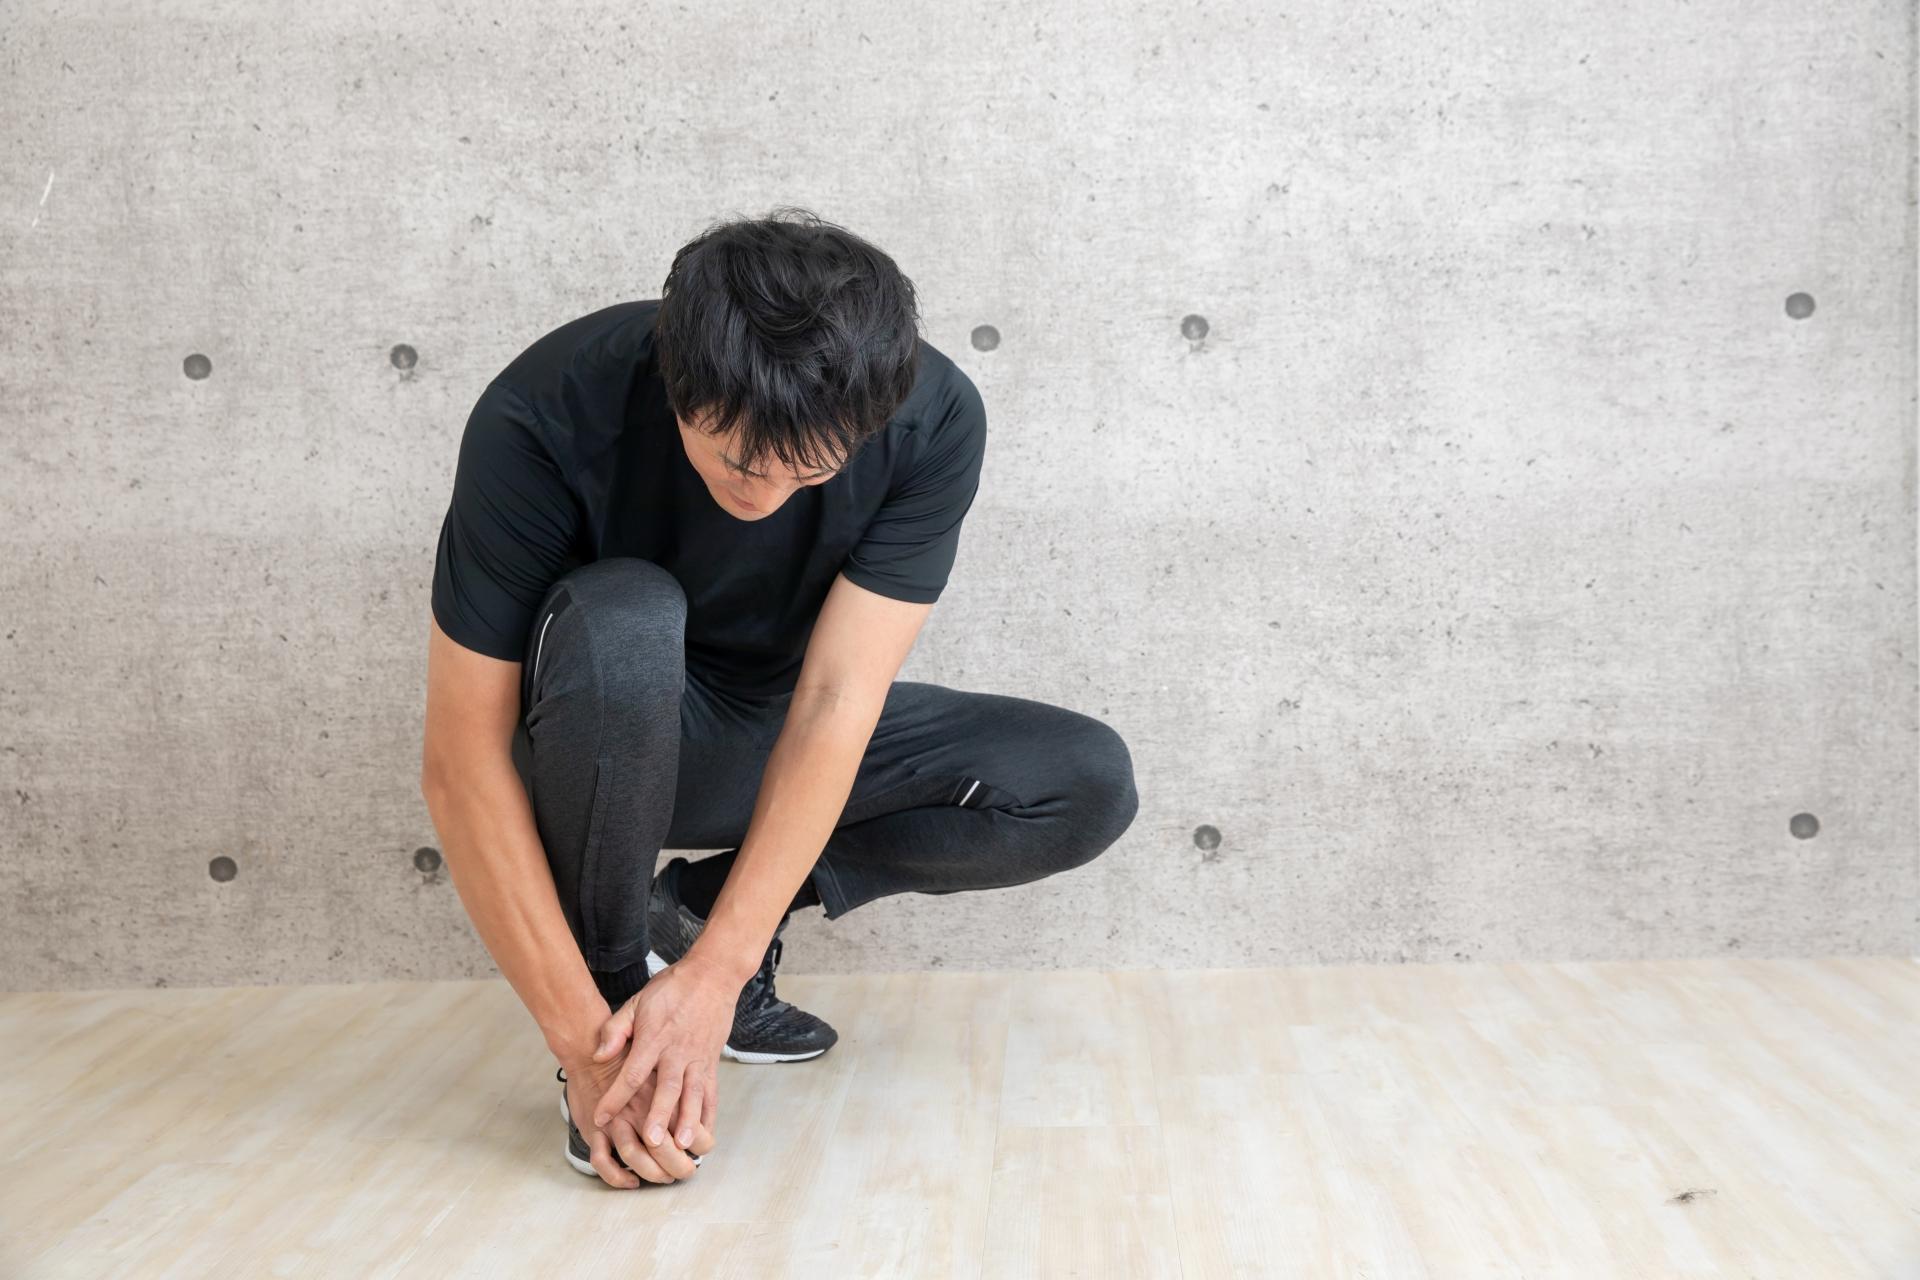 有痛性三角骨障害について